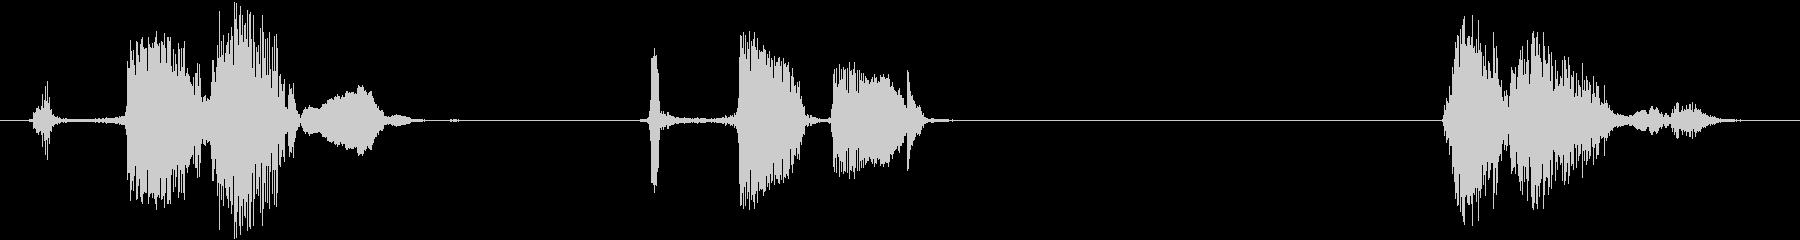 大きなラットの鳴き声クリーチャーベ...の未再生の波形